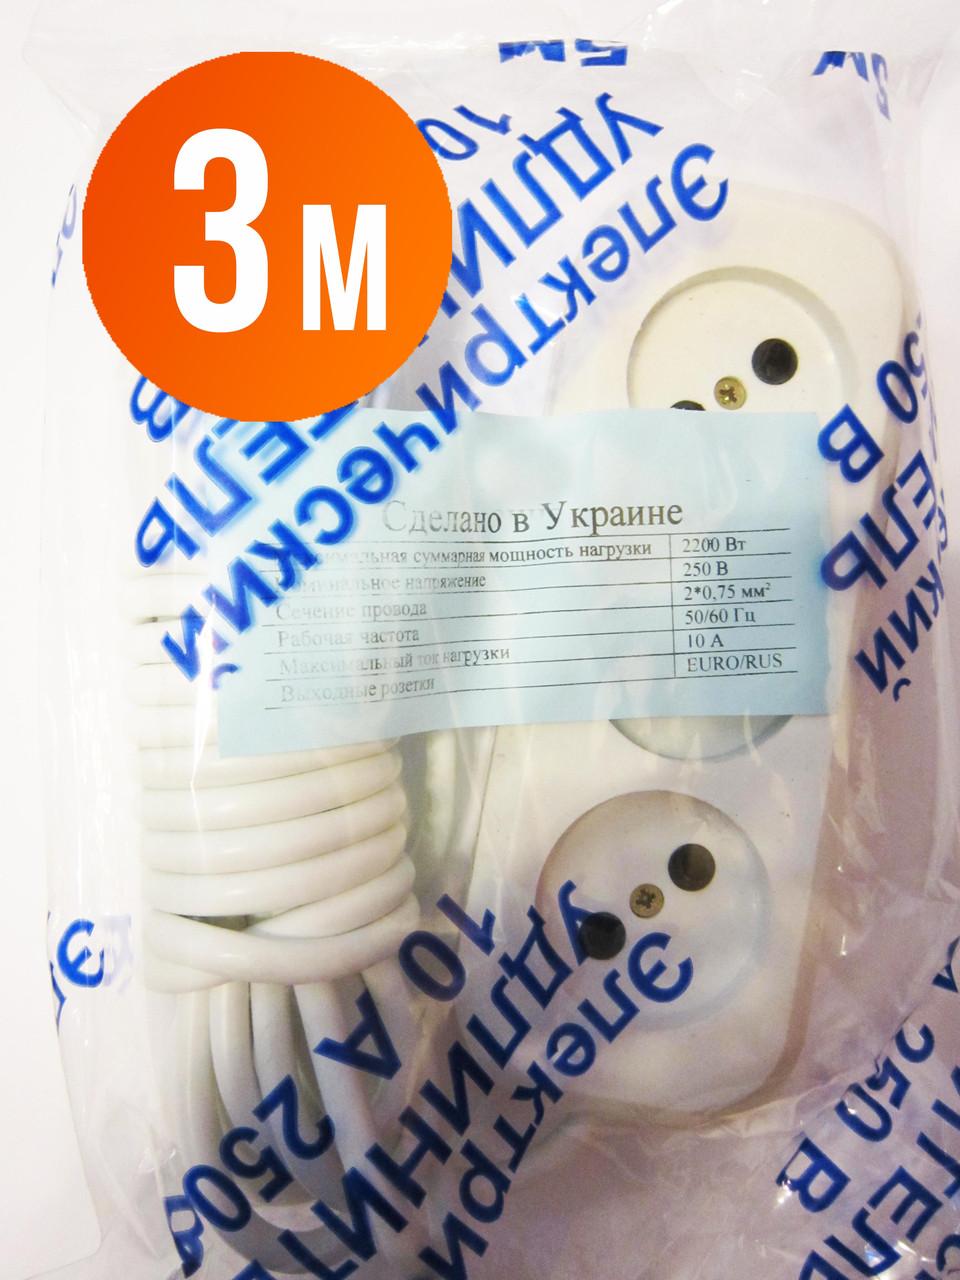 Электрический удлинитель 10А 250 В 2000 Вт с латунной контактной группой и вилкой 3м